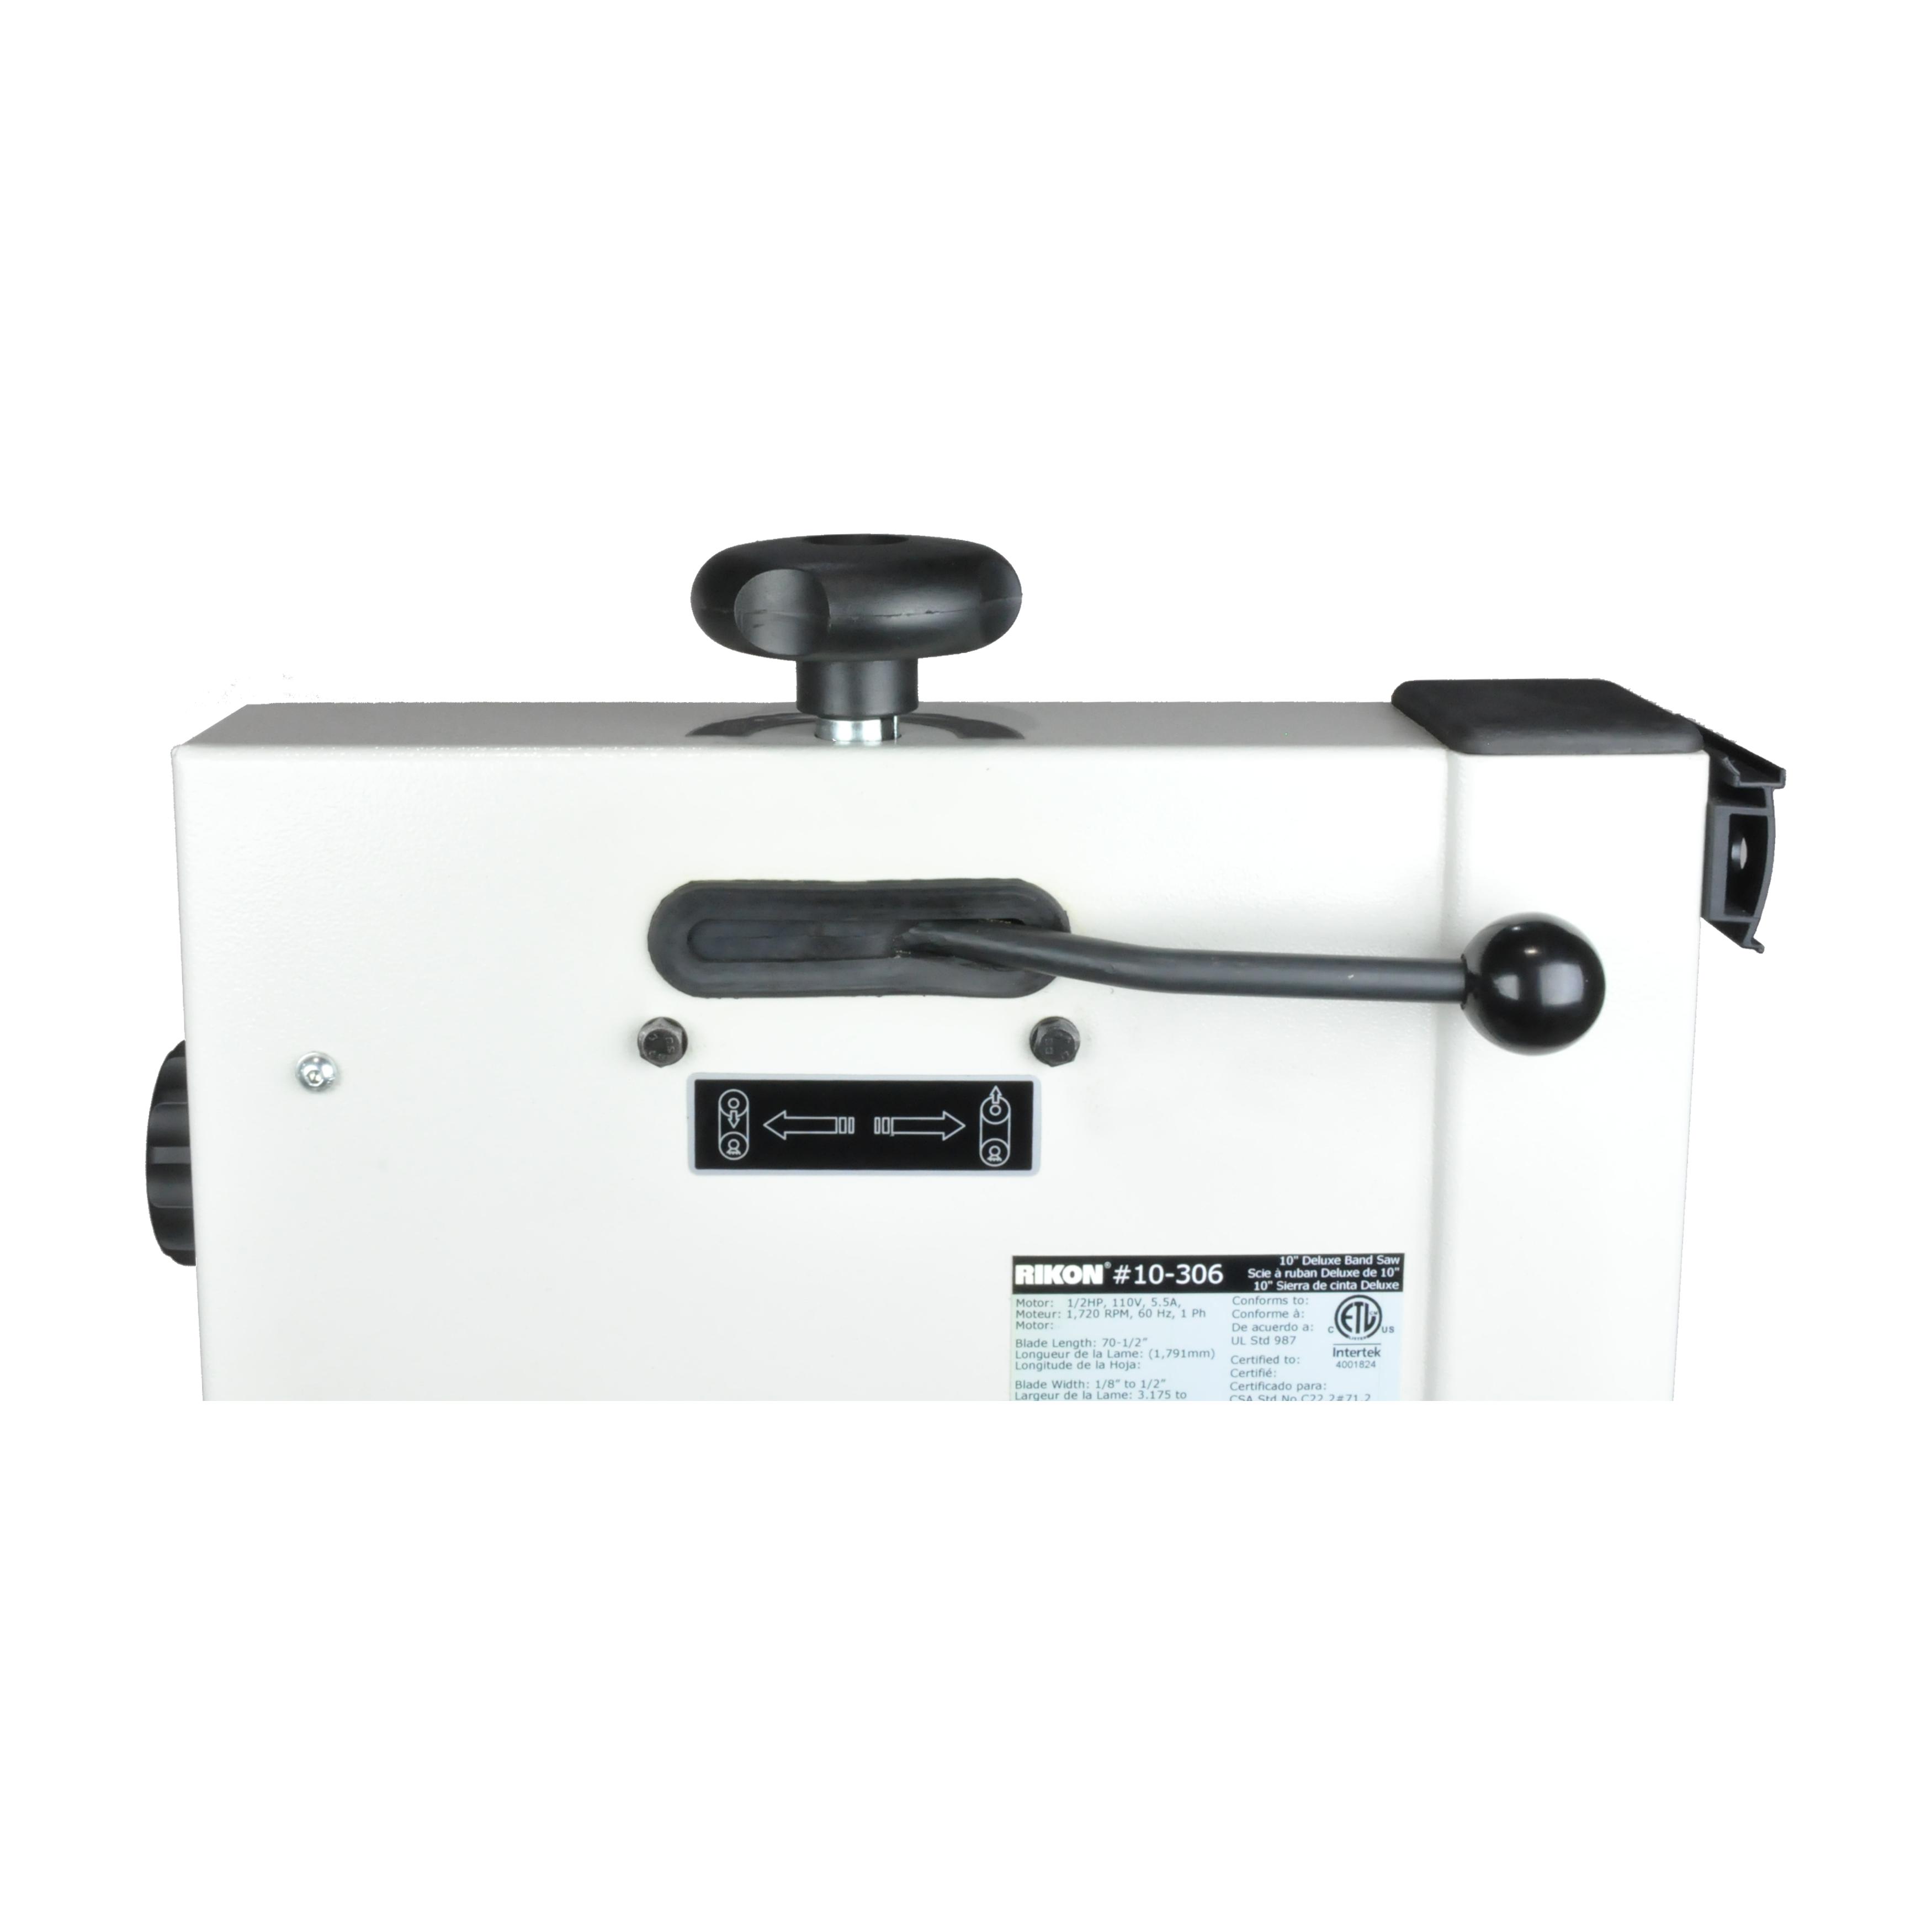 Makita usa product details -b-61656.